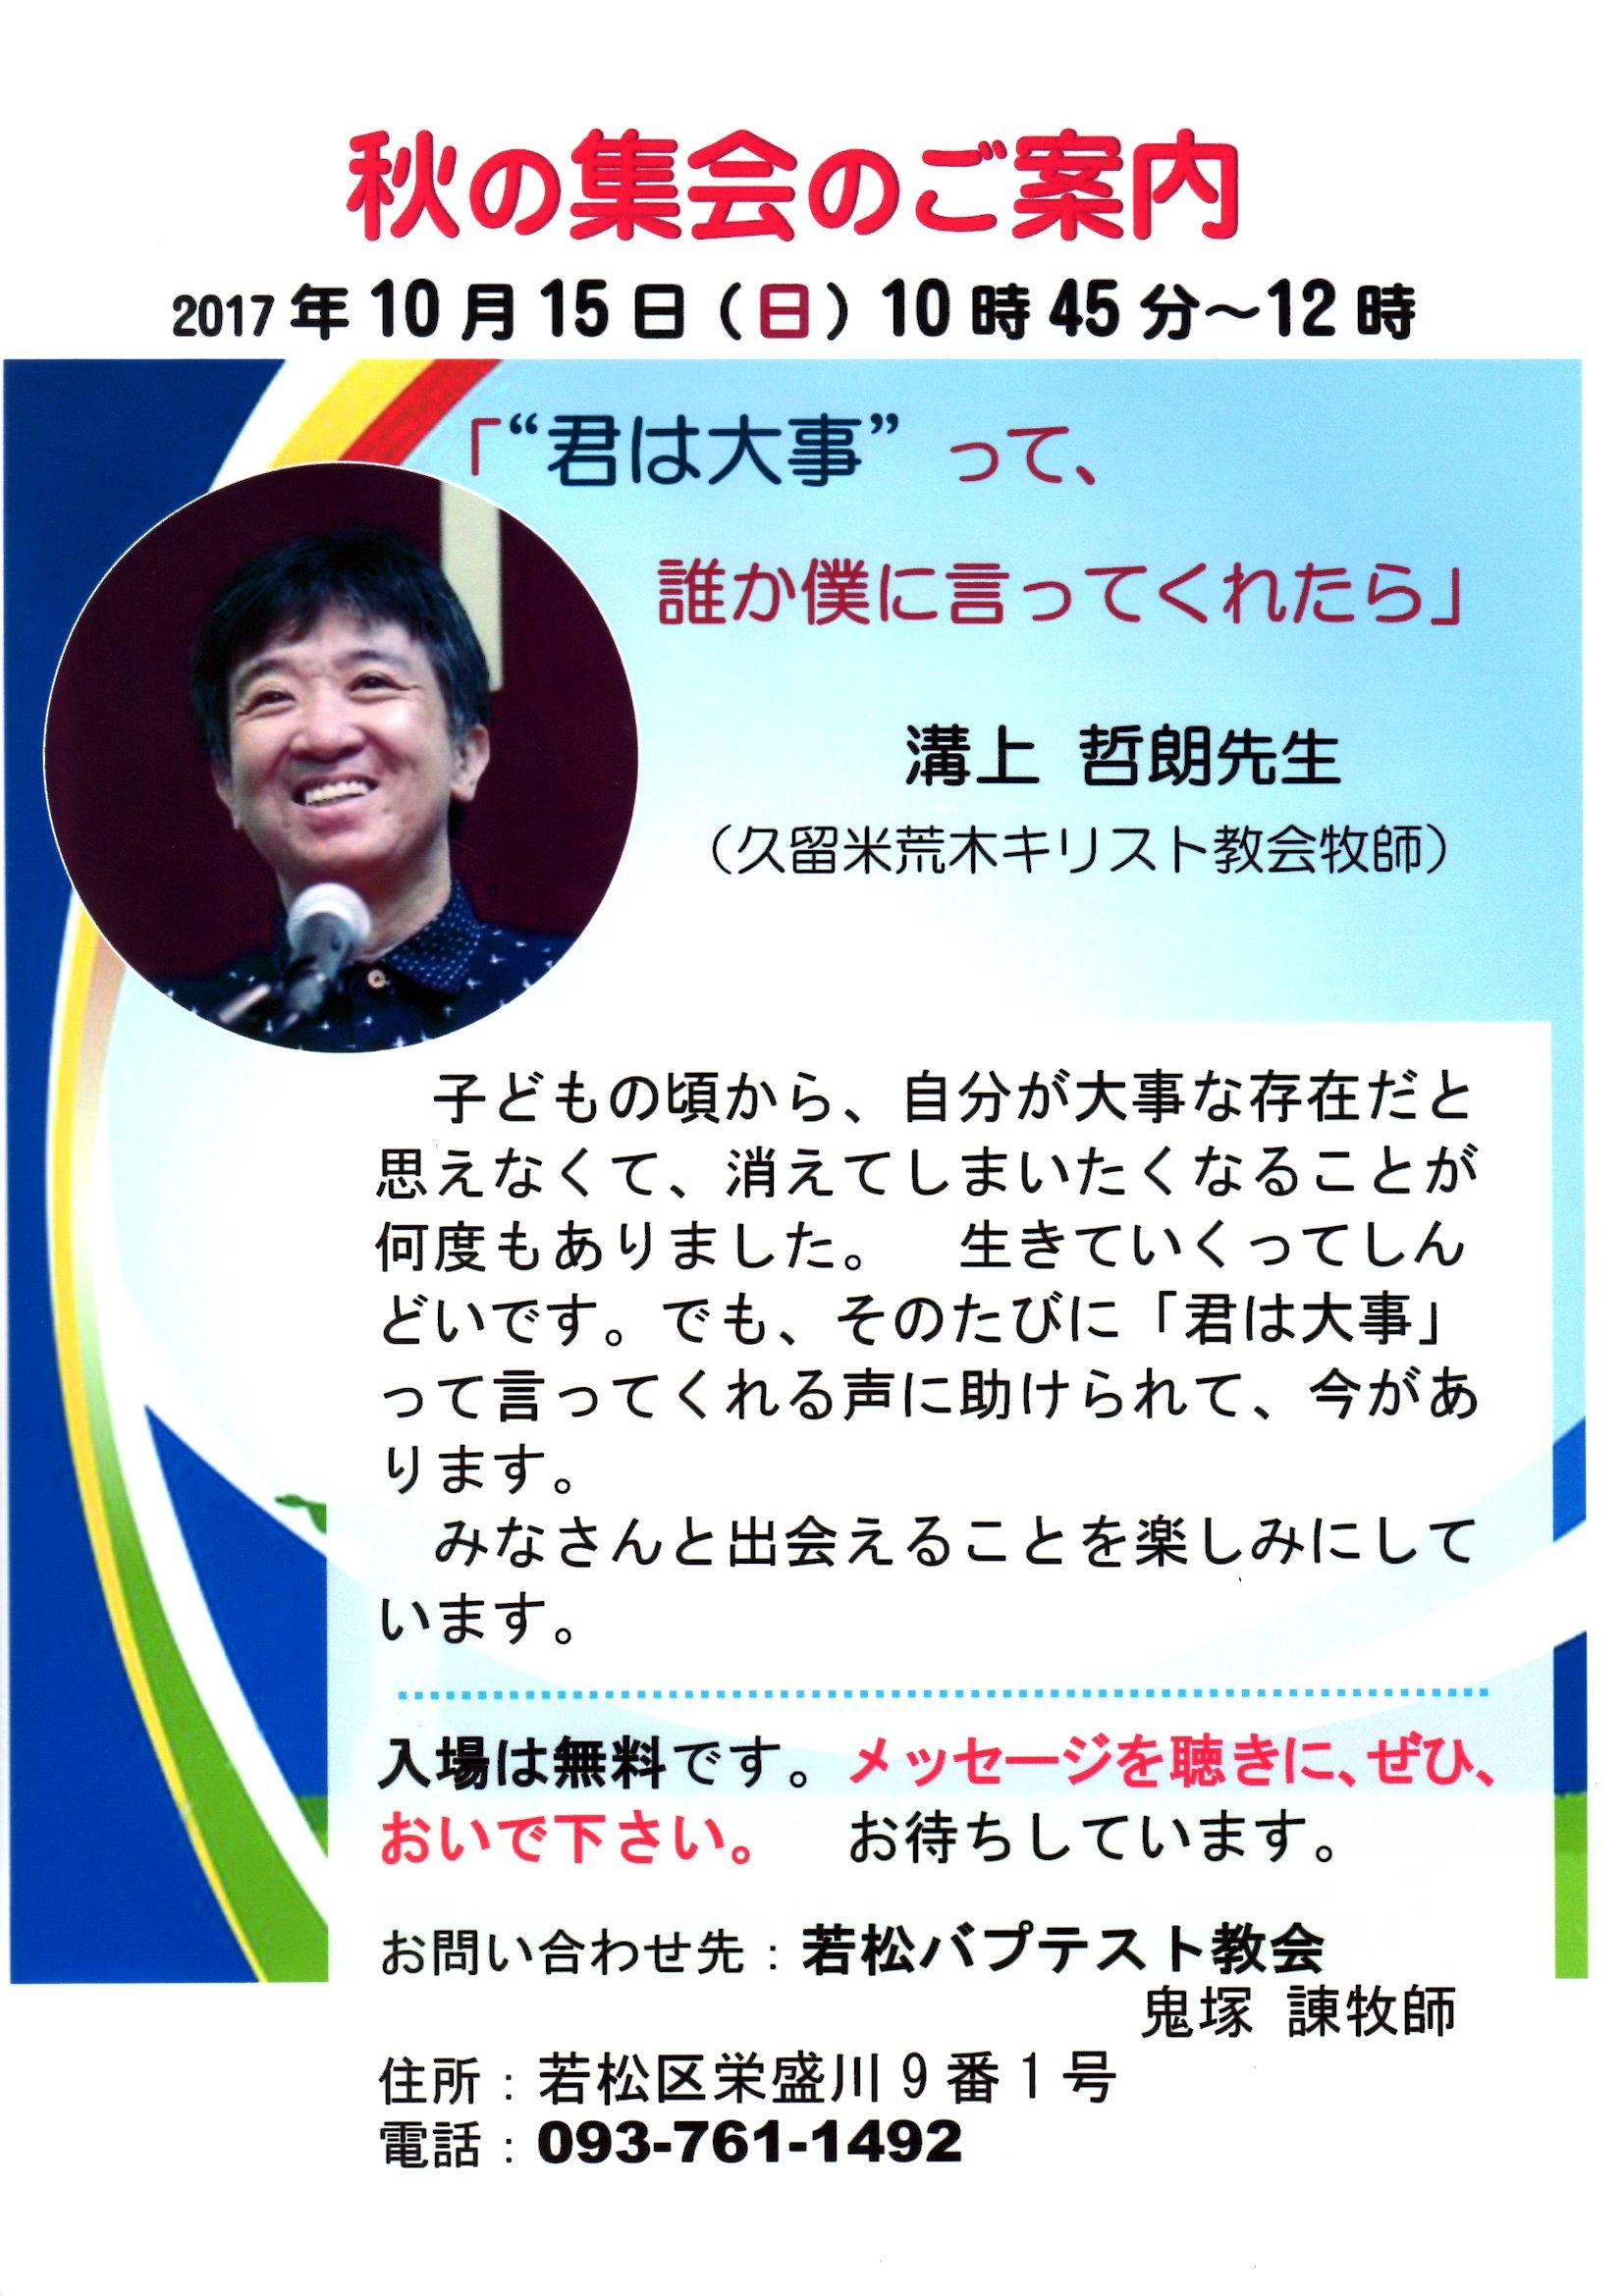 10月15日(日)に溝上哲朗先生による集会のお知らせ。のイメージ